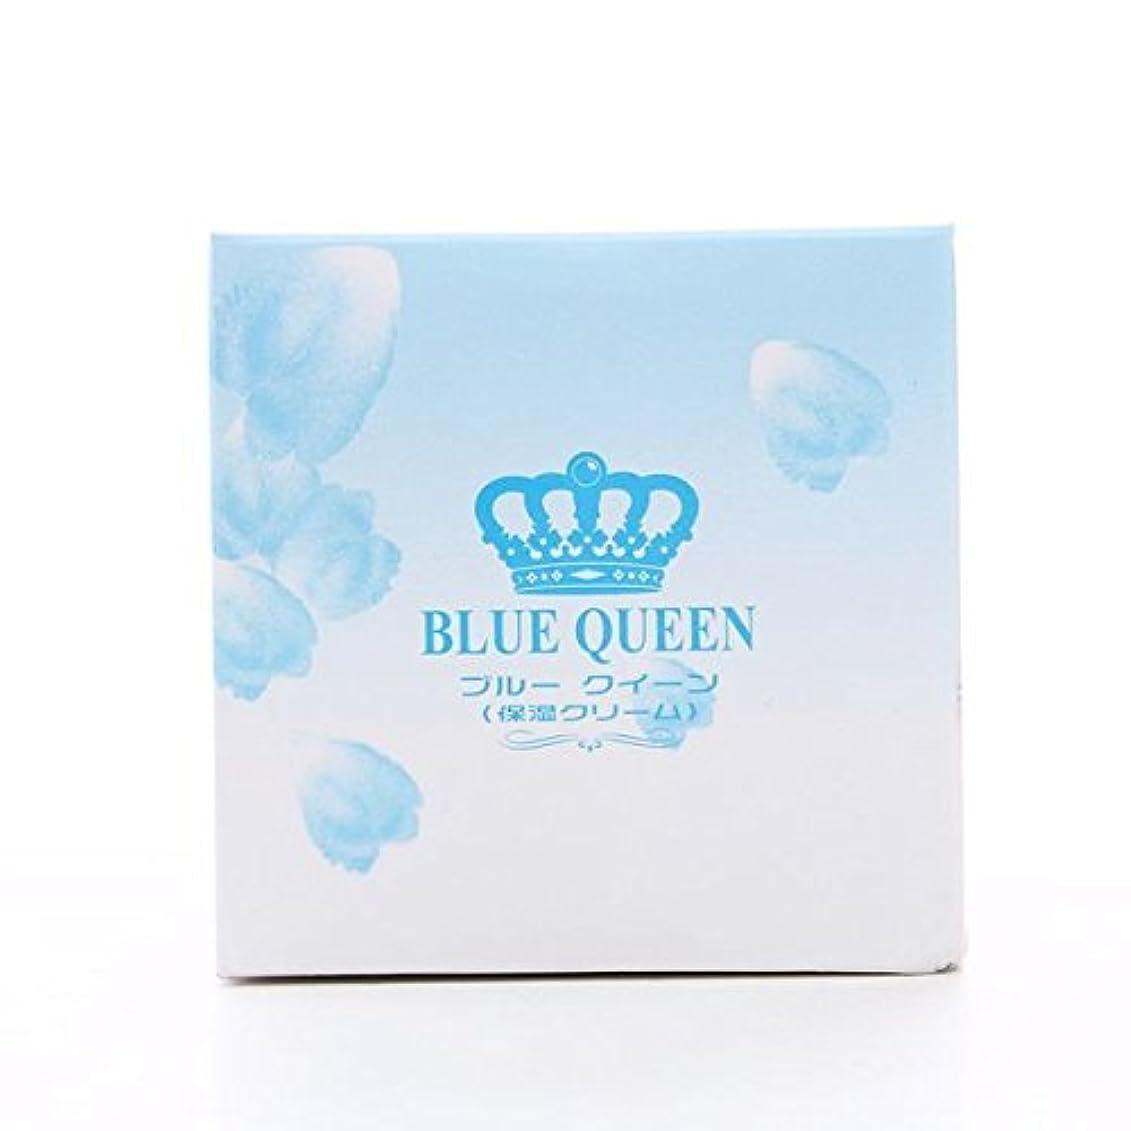 報告書偽物科学的ブルー クイーン BLUE QUEEN